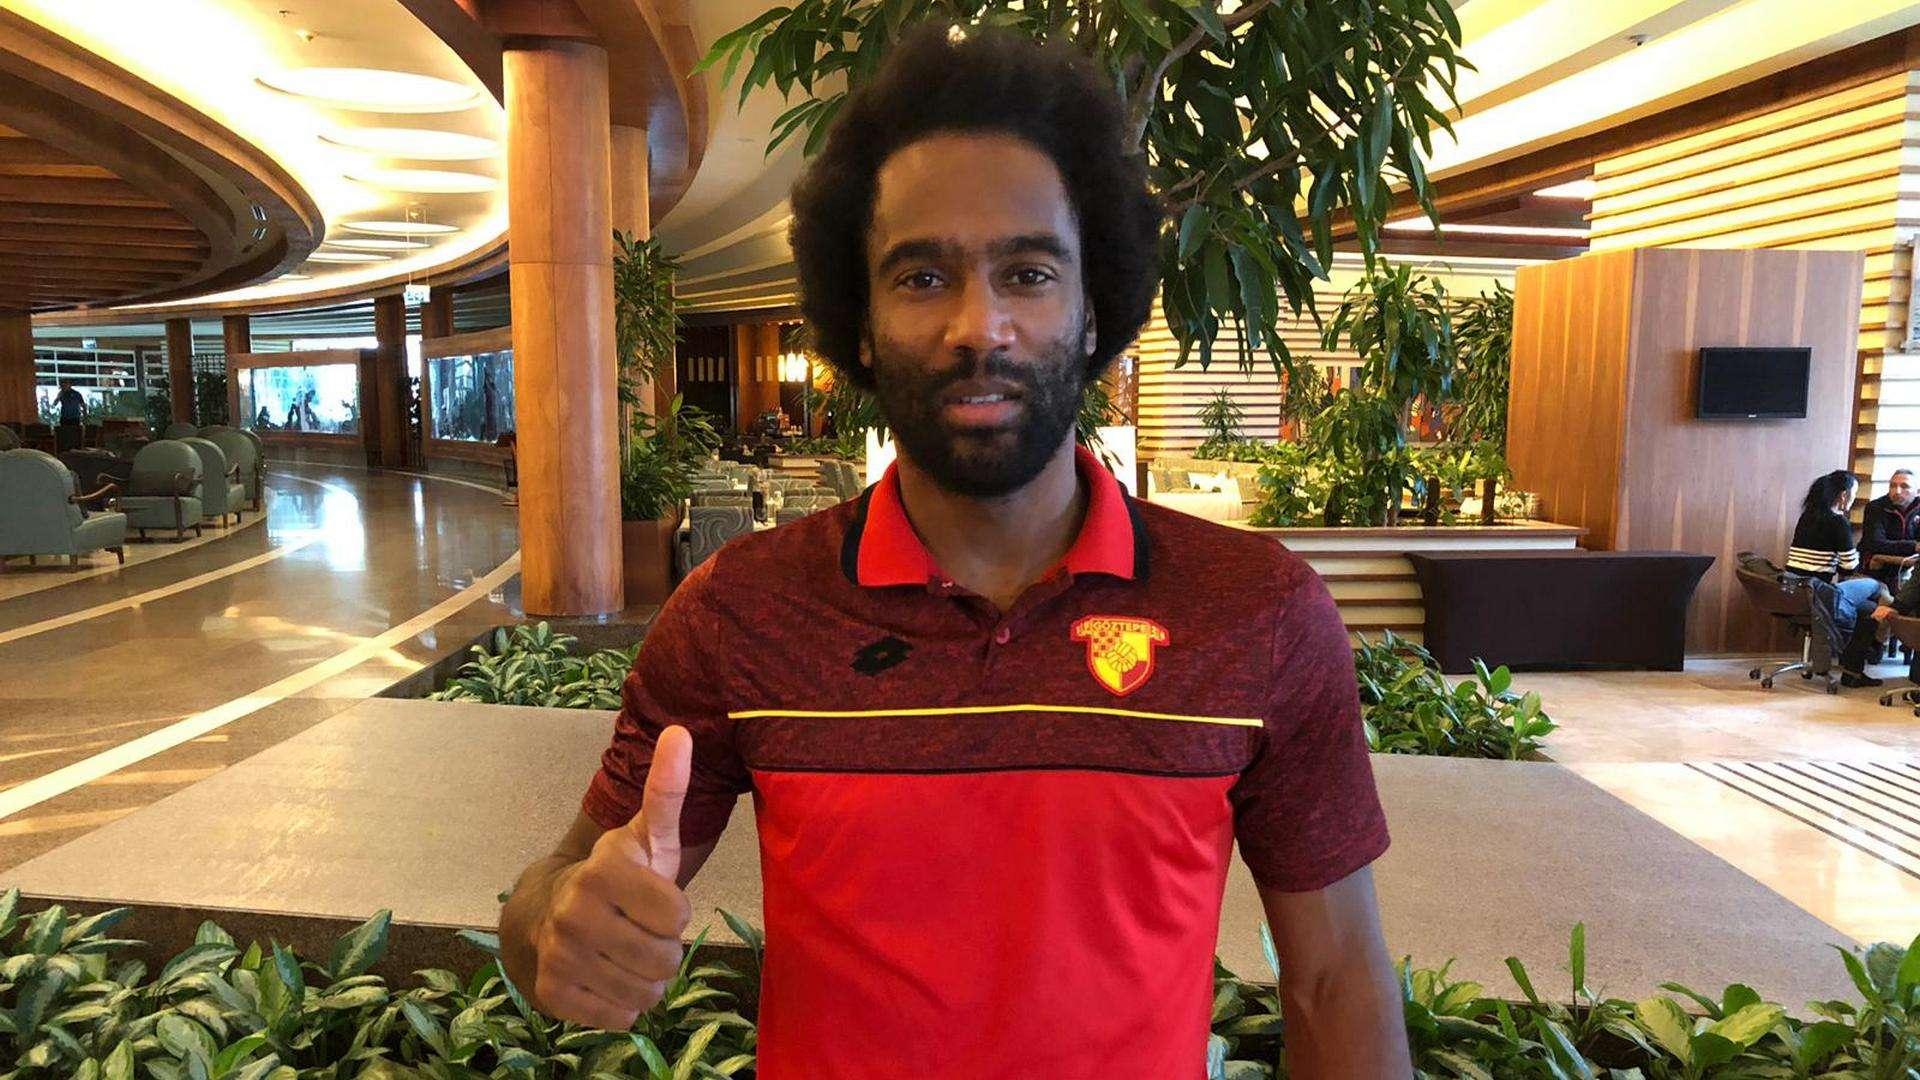 Jerome: Daha önce nasıl bir golcü olduğumu gösterdim. Yine atmaya devam edeceğim!